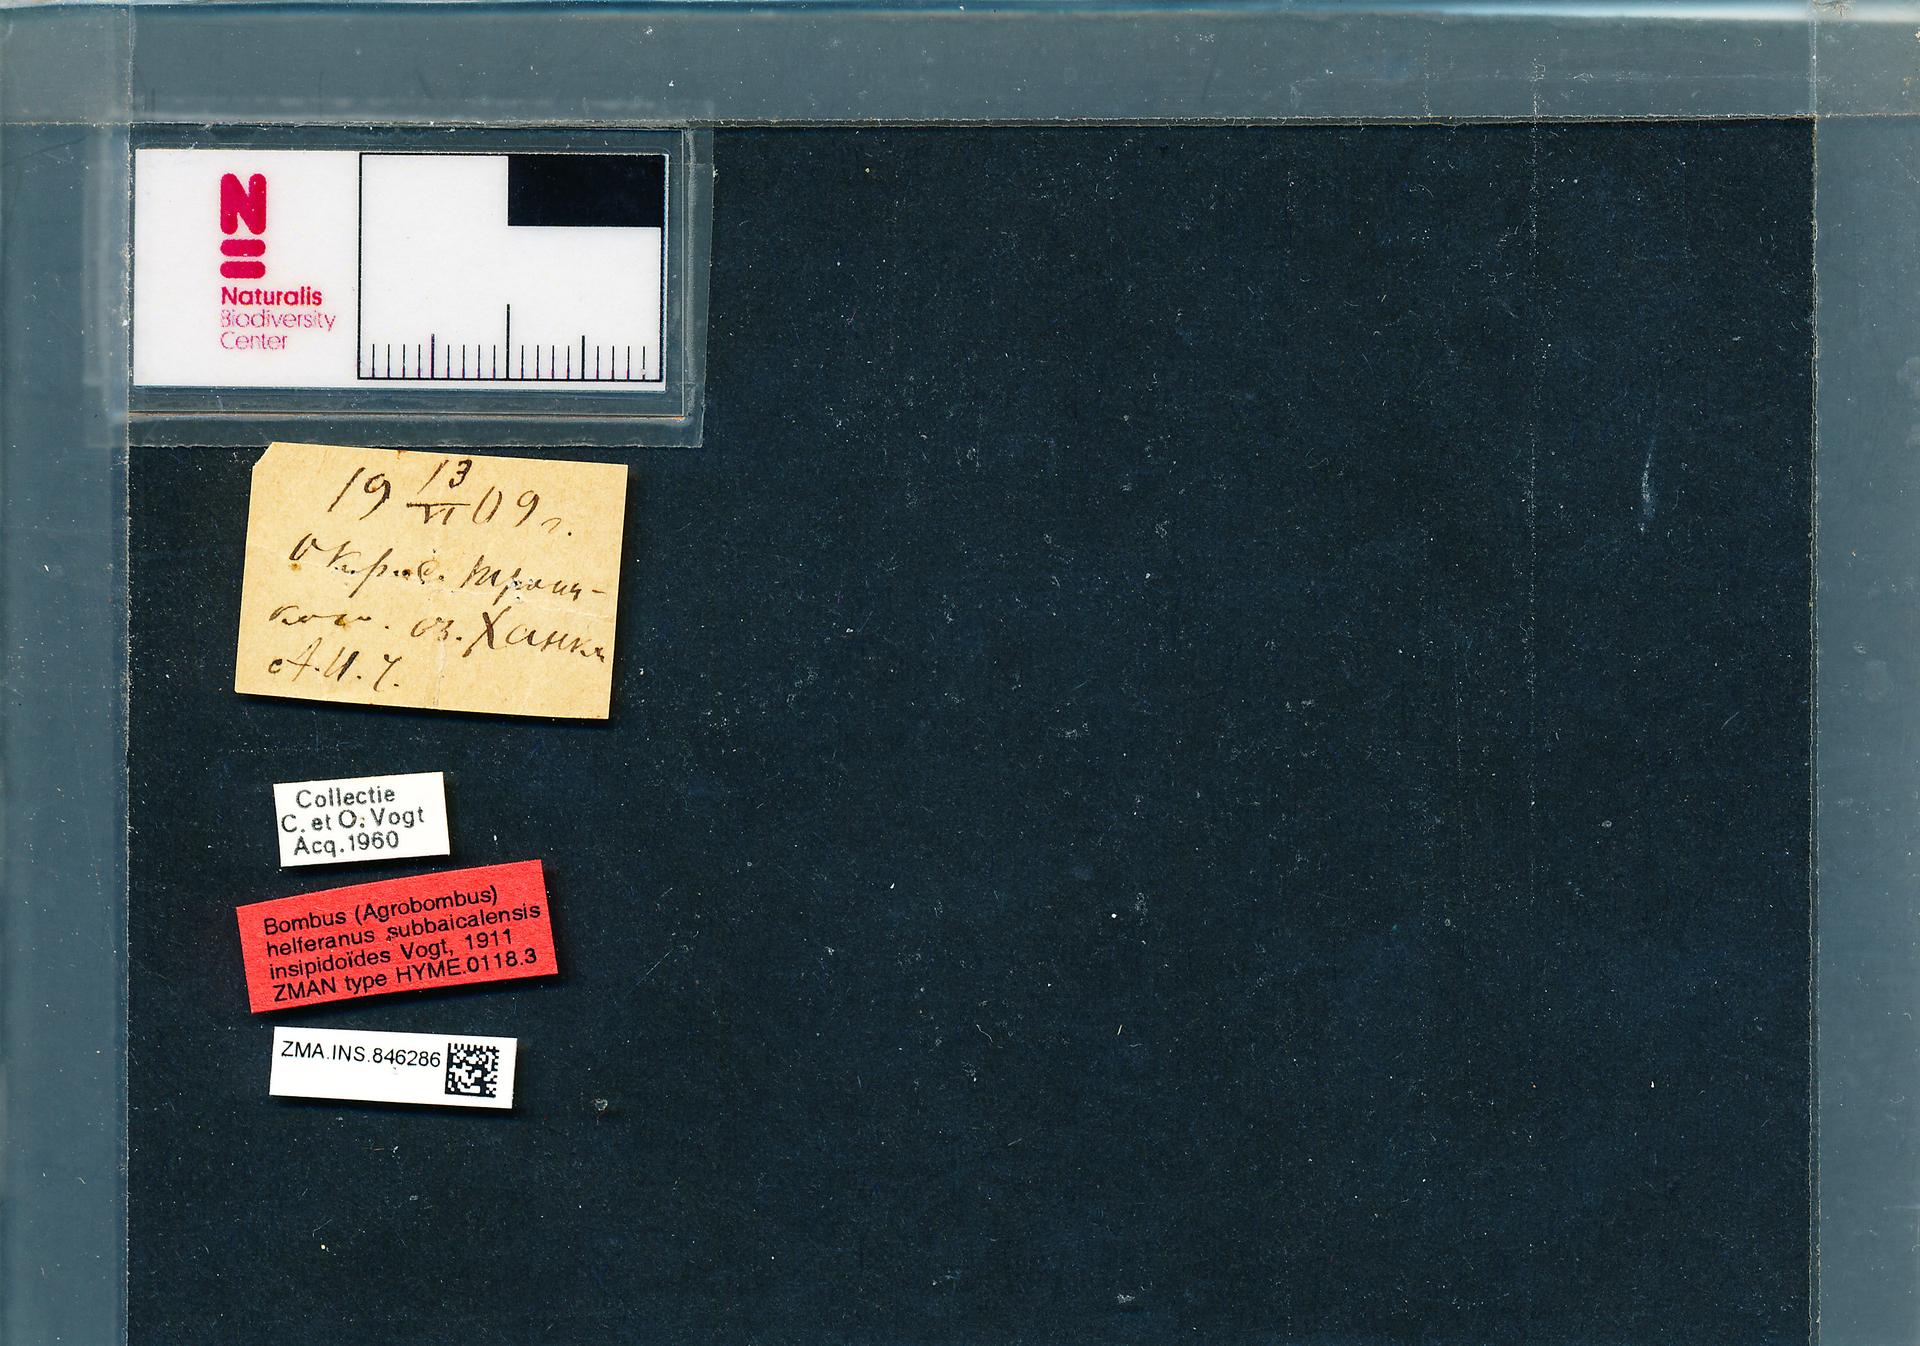 ZMA.INS.846286 | Bombus (Thoracobombus) humilis subbaicalensis Vogt, 1911